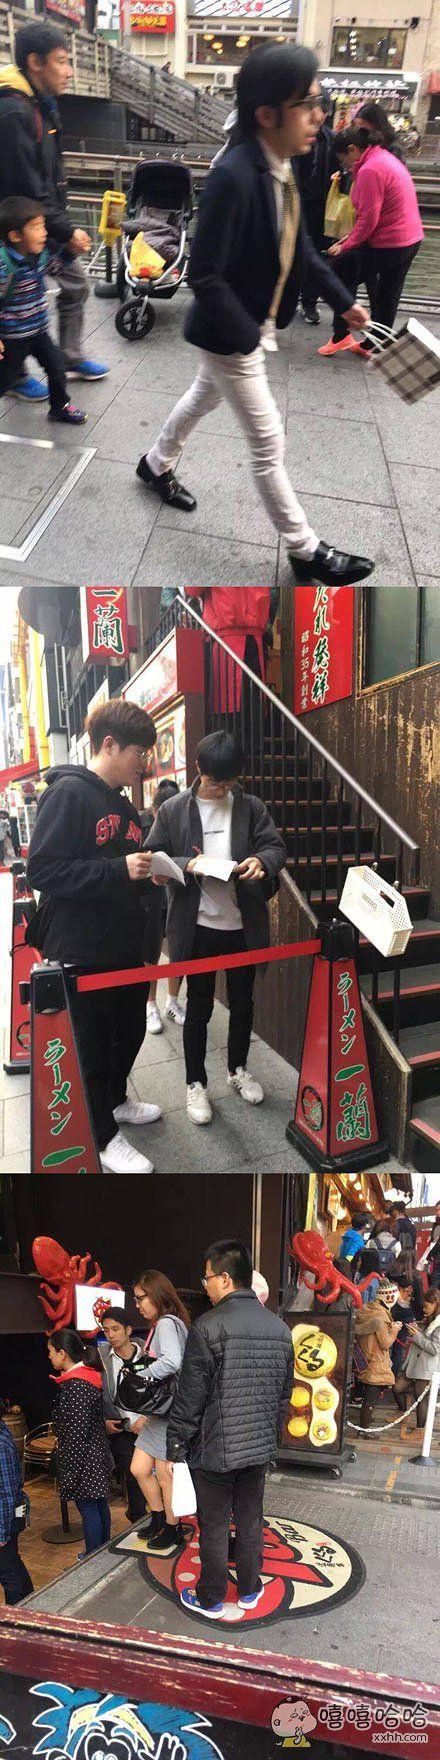 日本男人、韩国男人、中国男人的区别实在太明显了…